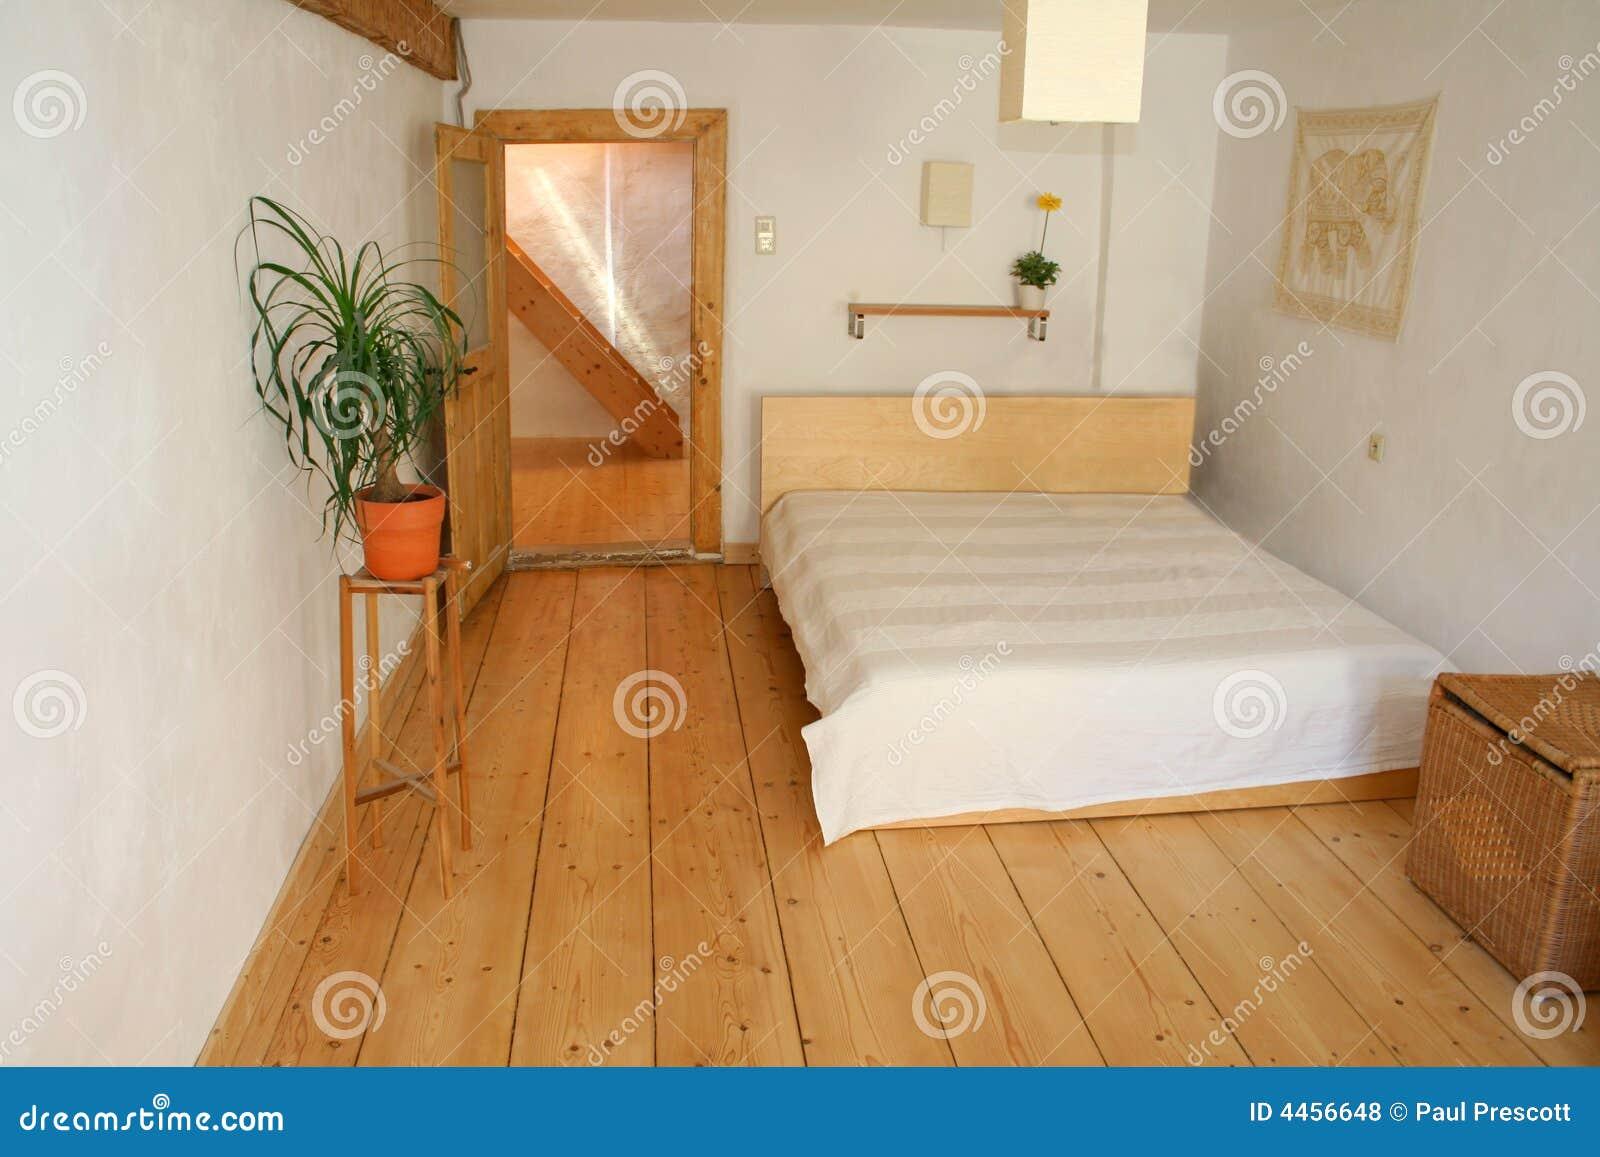 wood floor bedroom. Wooden floor bedroom stock photo  Image of grain minimalist 4456648